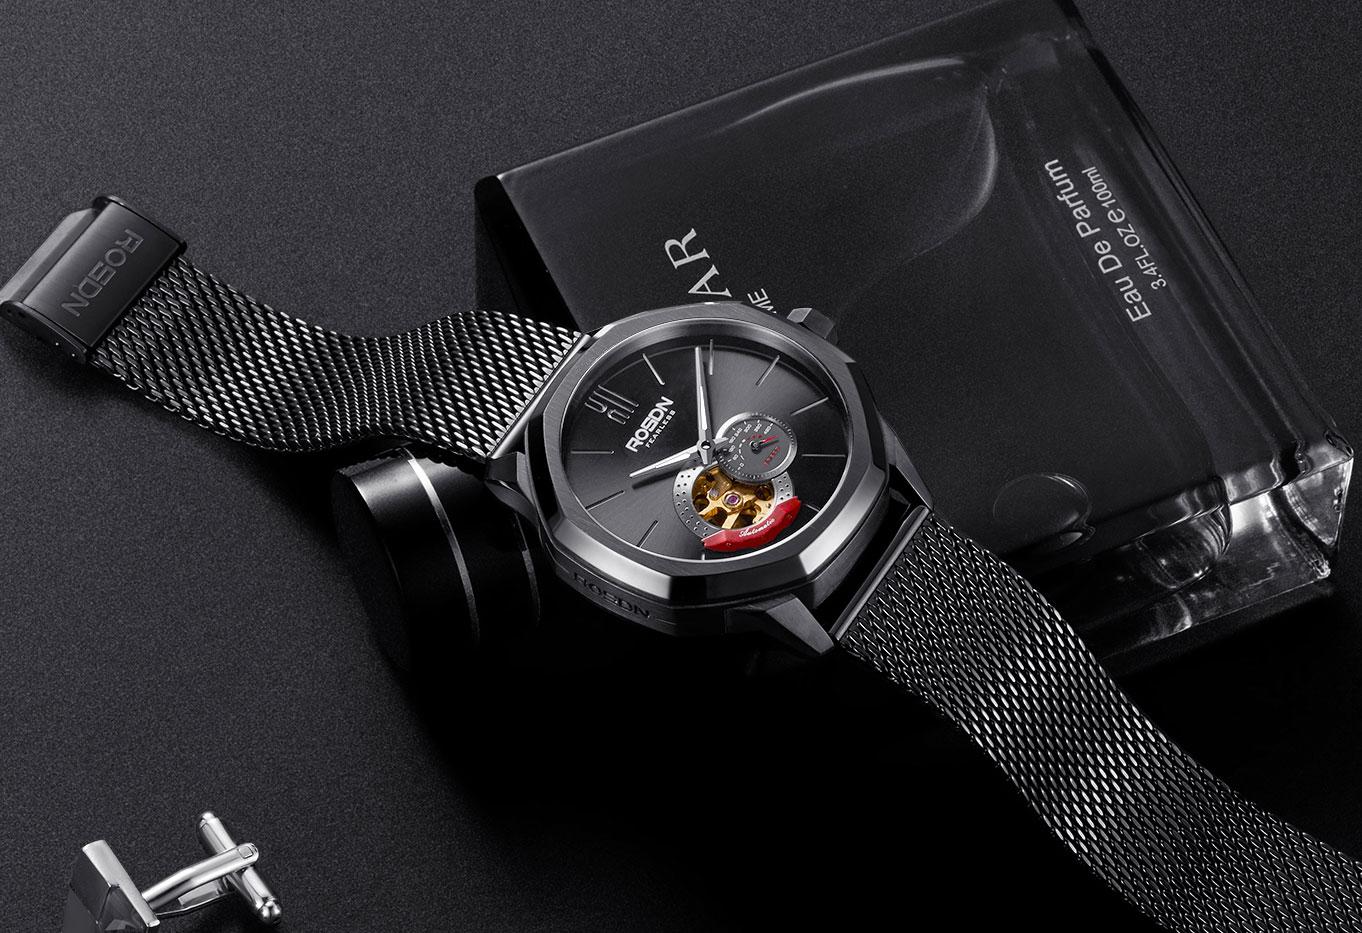 天生无畏传承梦想,劳士顿手表15周年品牌庆典在巴厘岛举行!